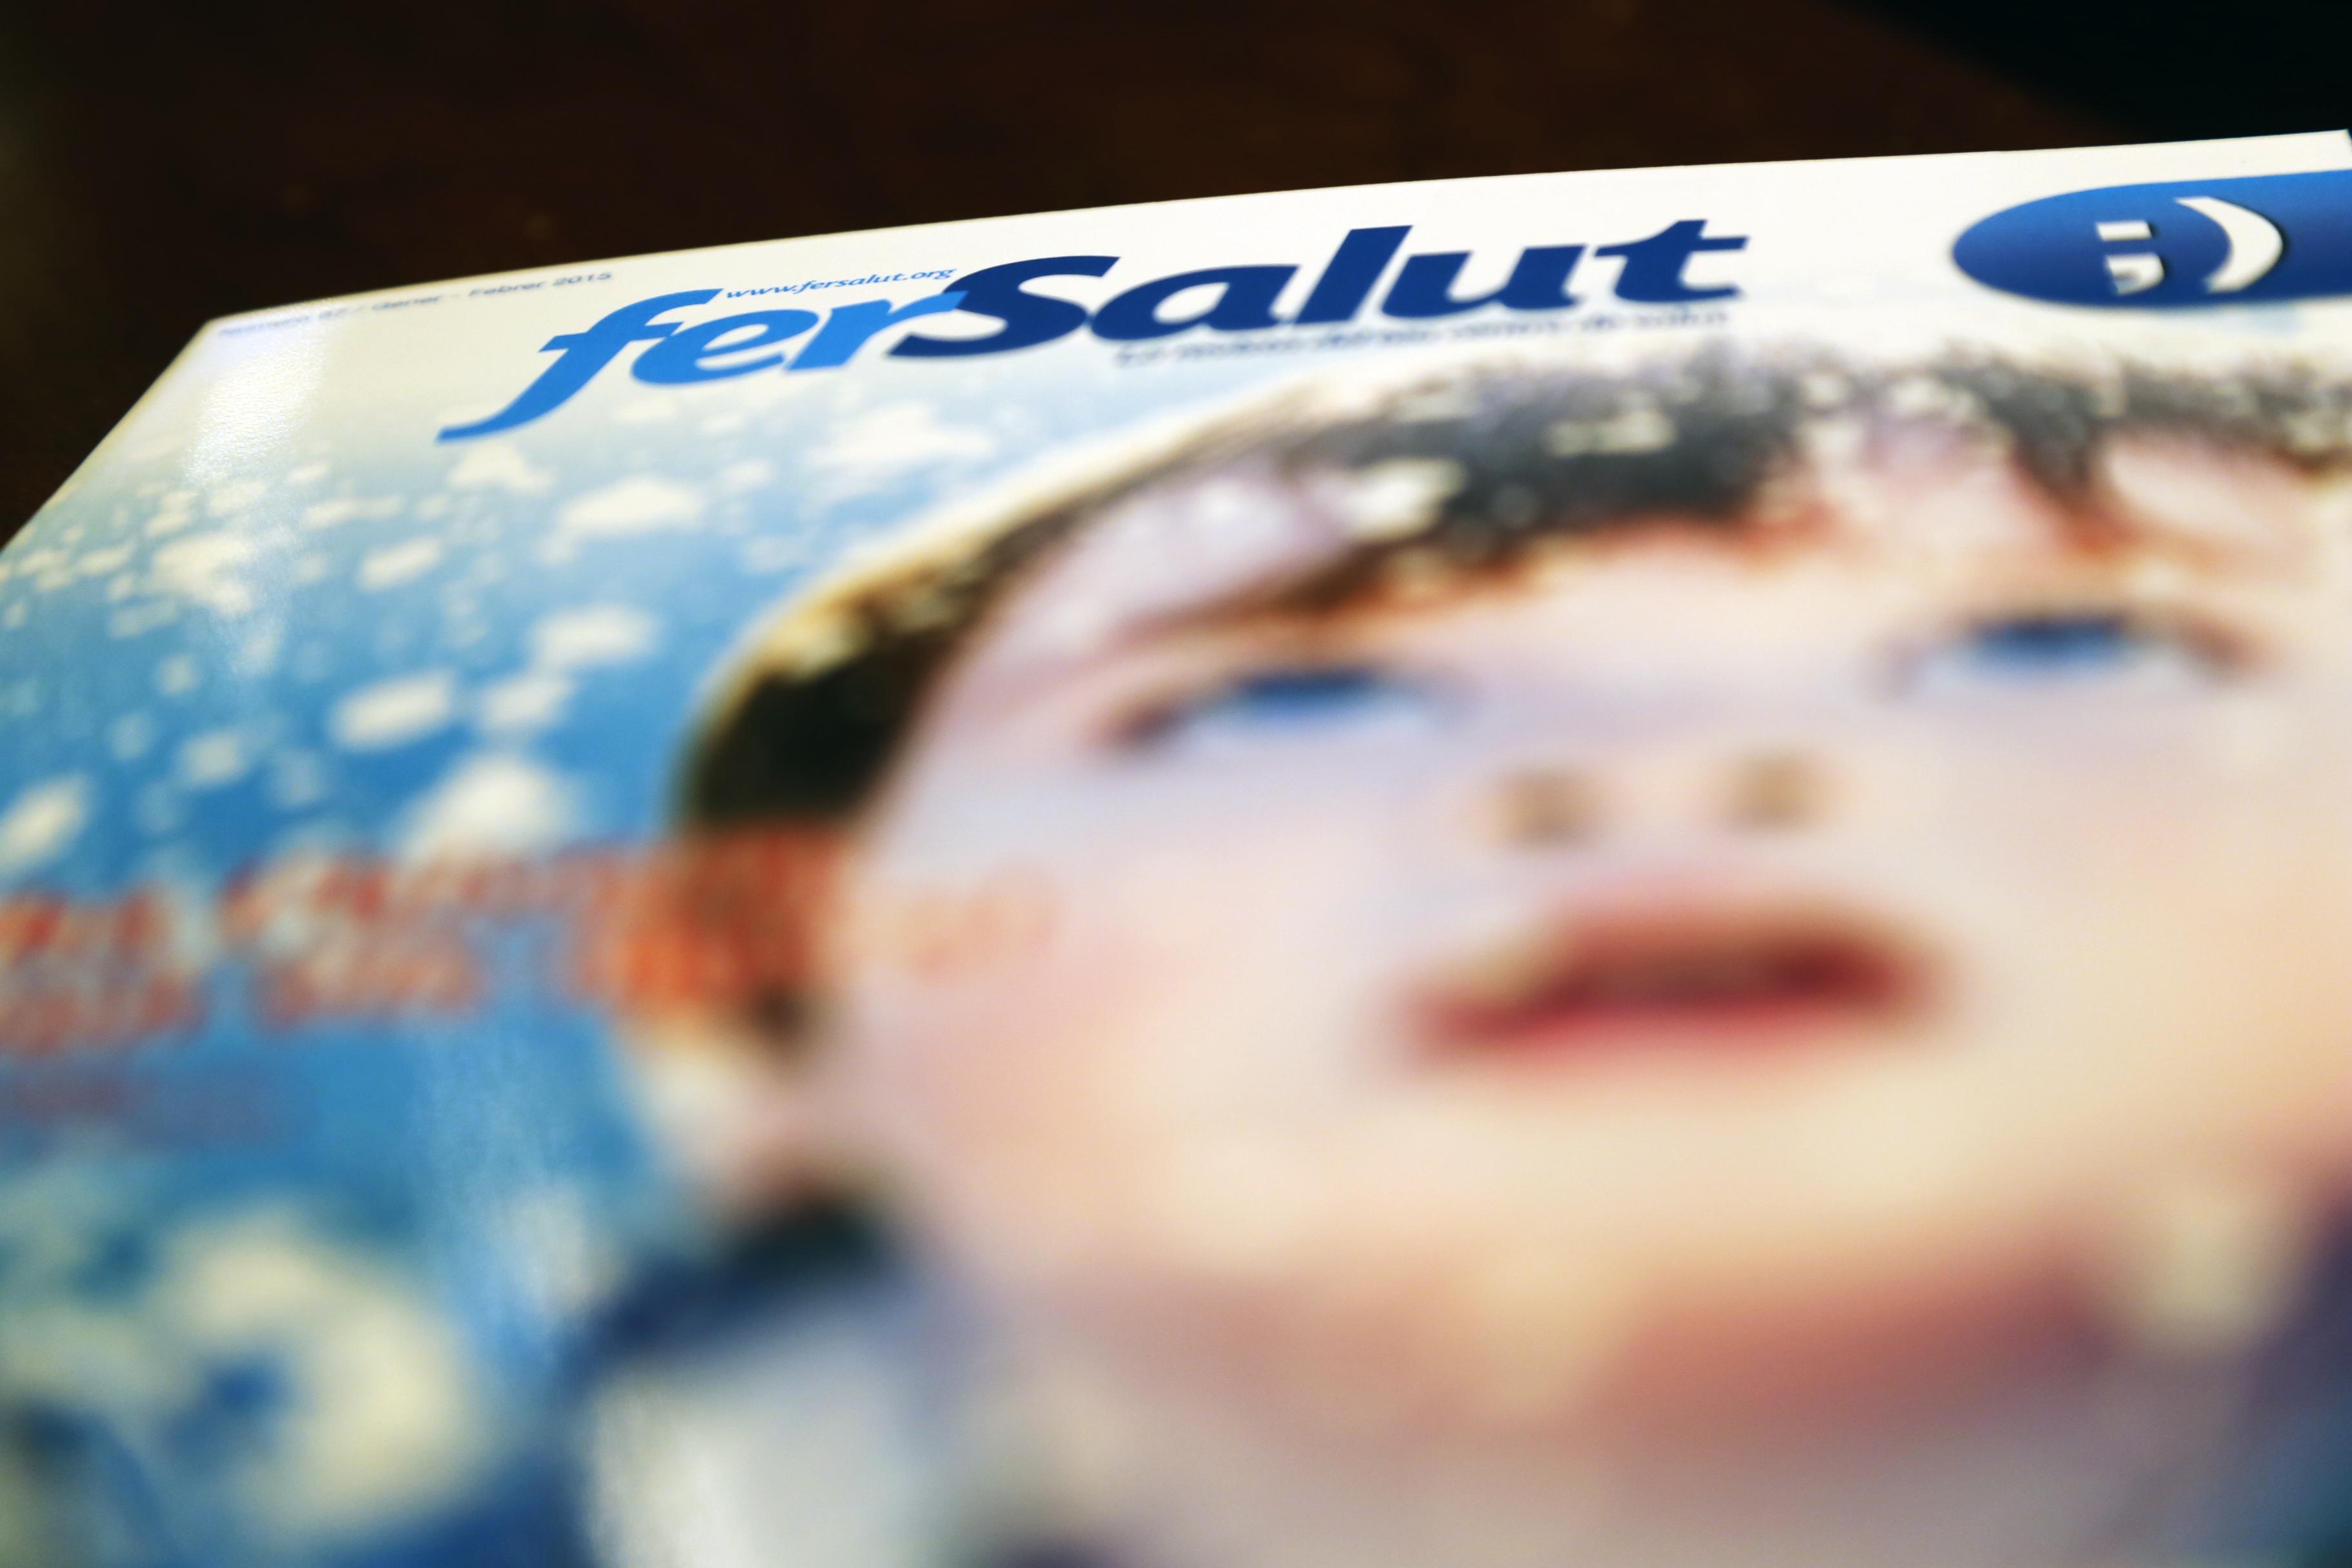 Revista FerSalut dels CAPs autogestionats